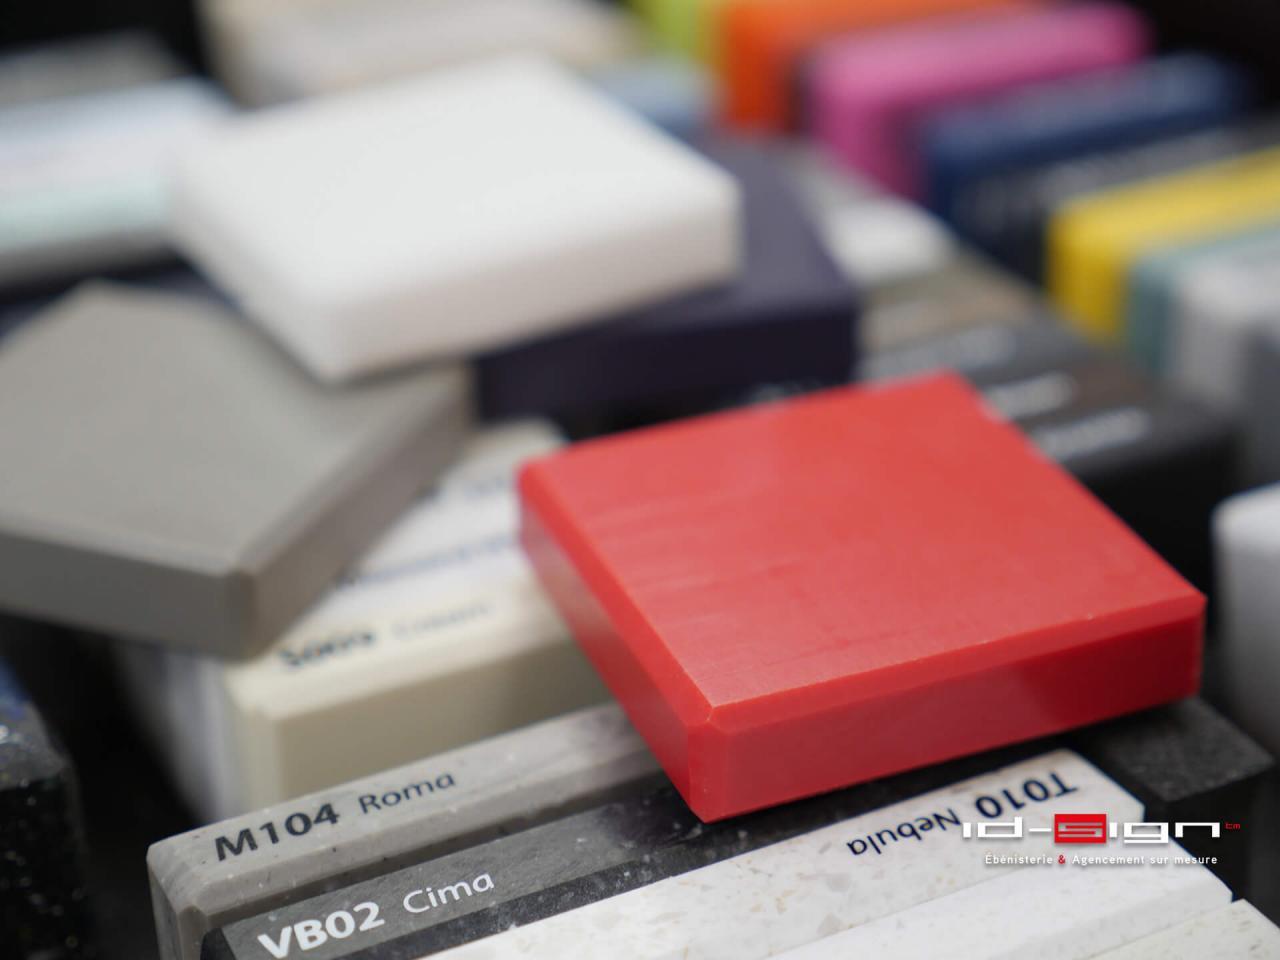 Matériaux composites haut de gamme